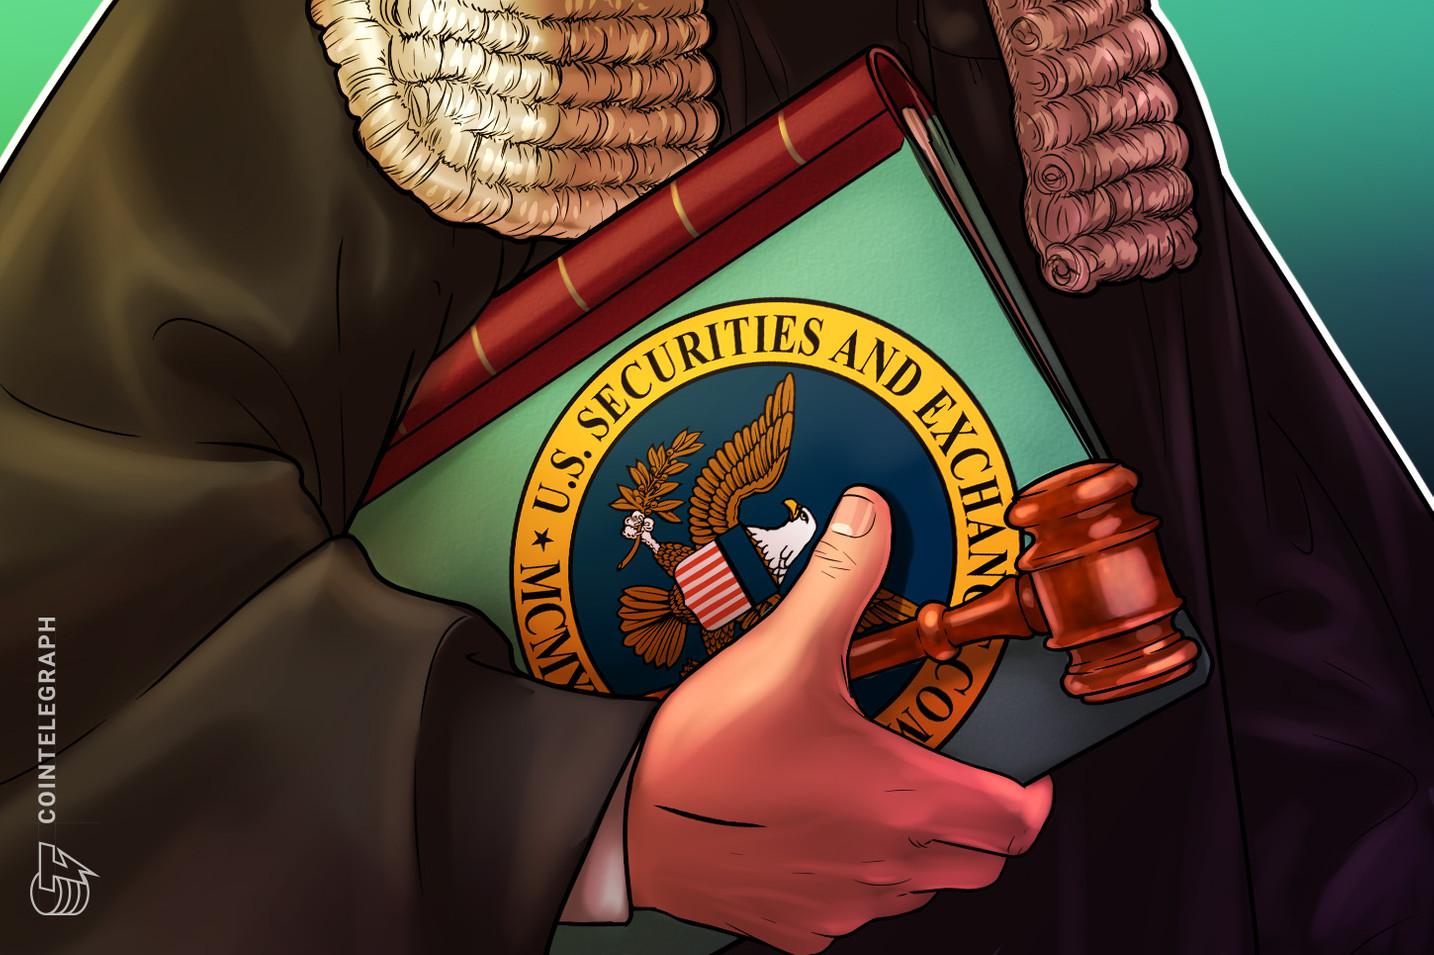 Kryetari i SEC thotë që kriptovaluta bie nën rregullat e shkëmbimeve të bazuara në siguri